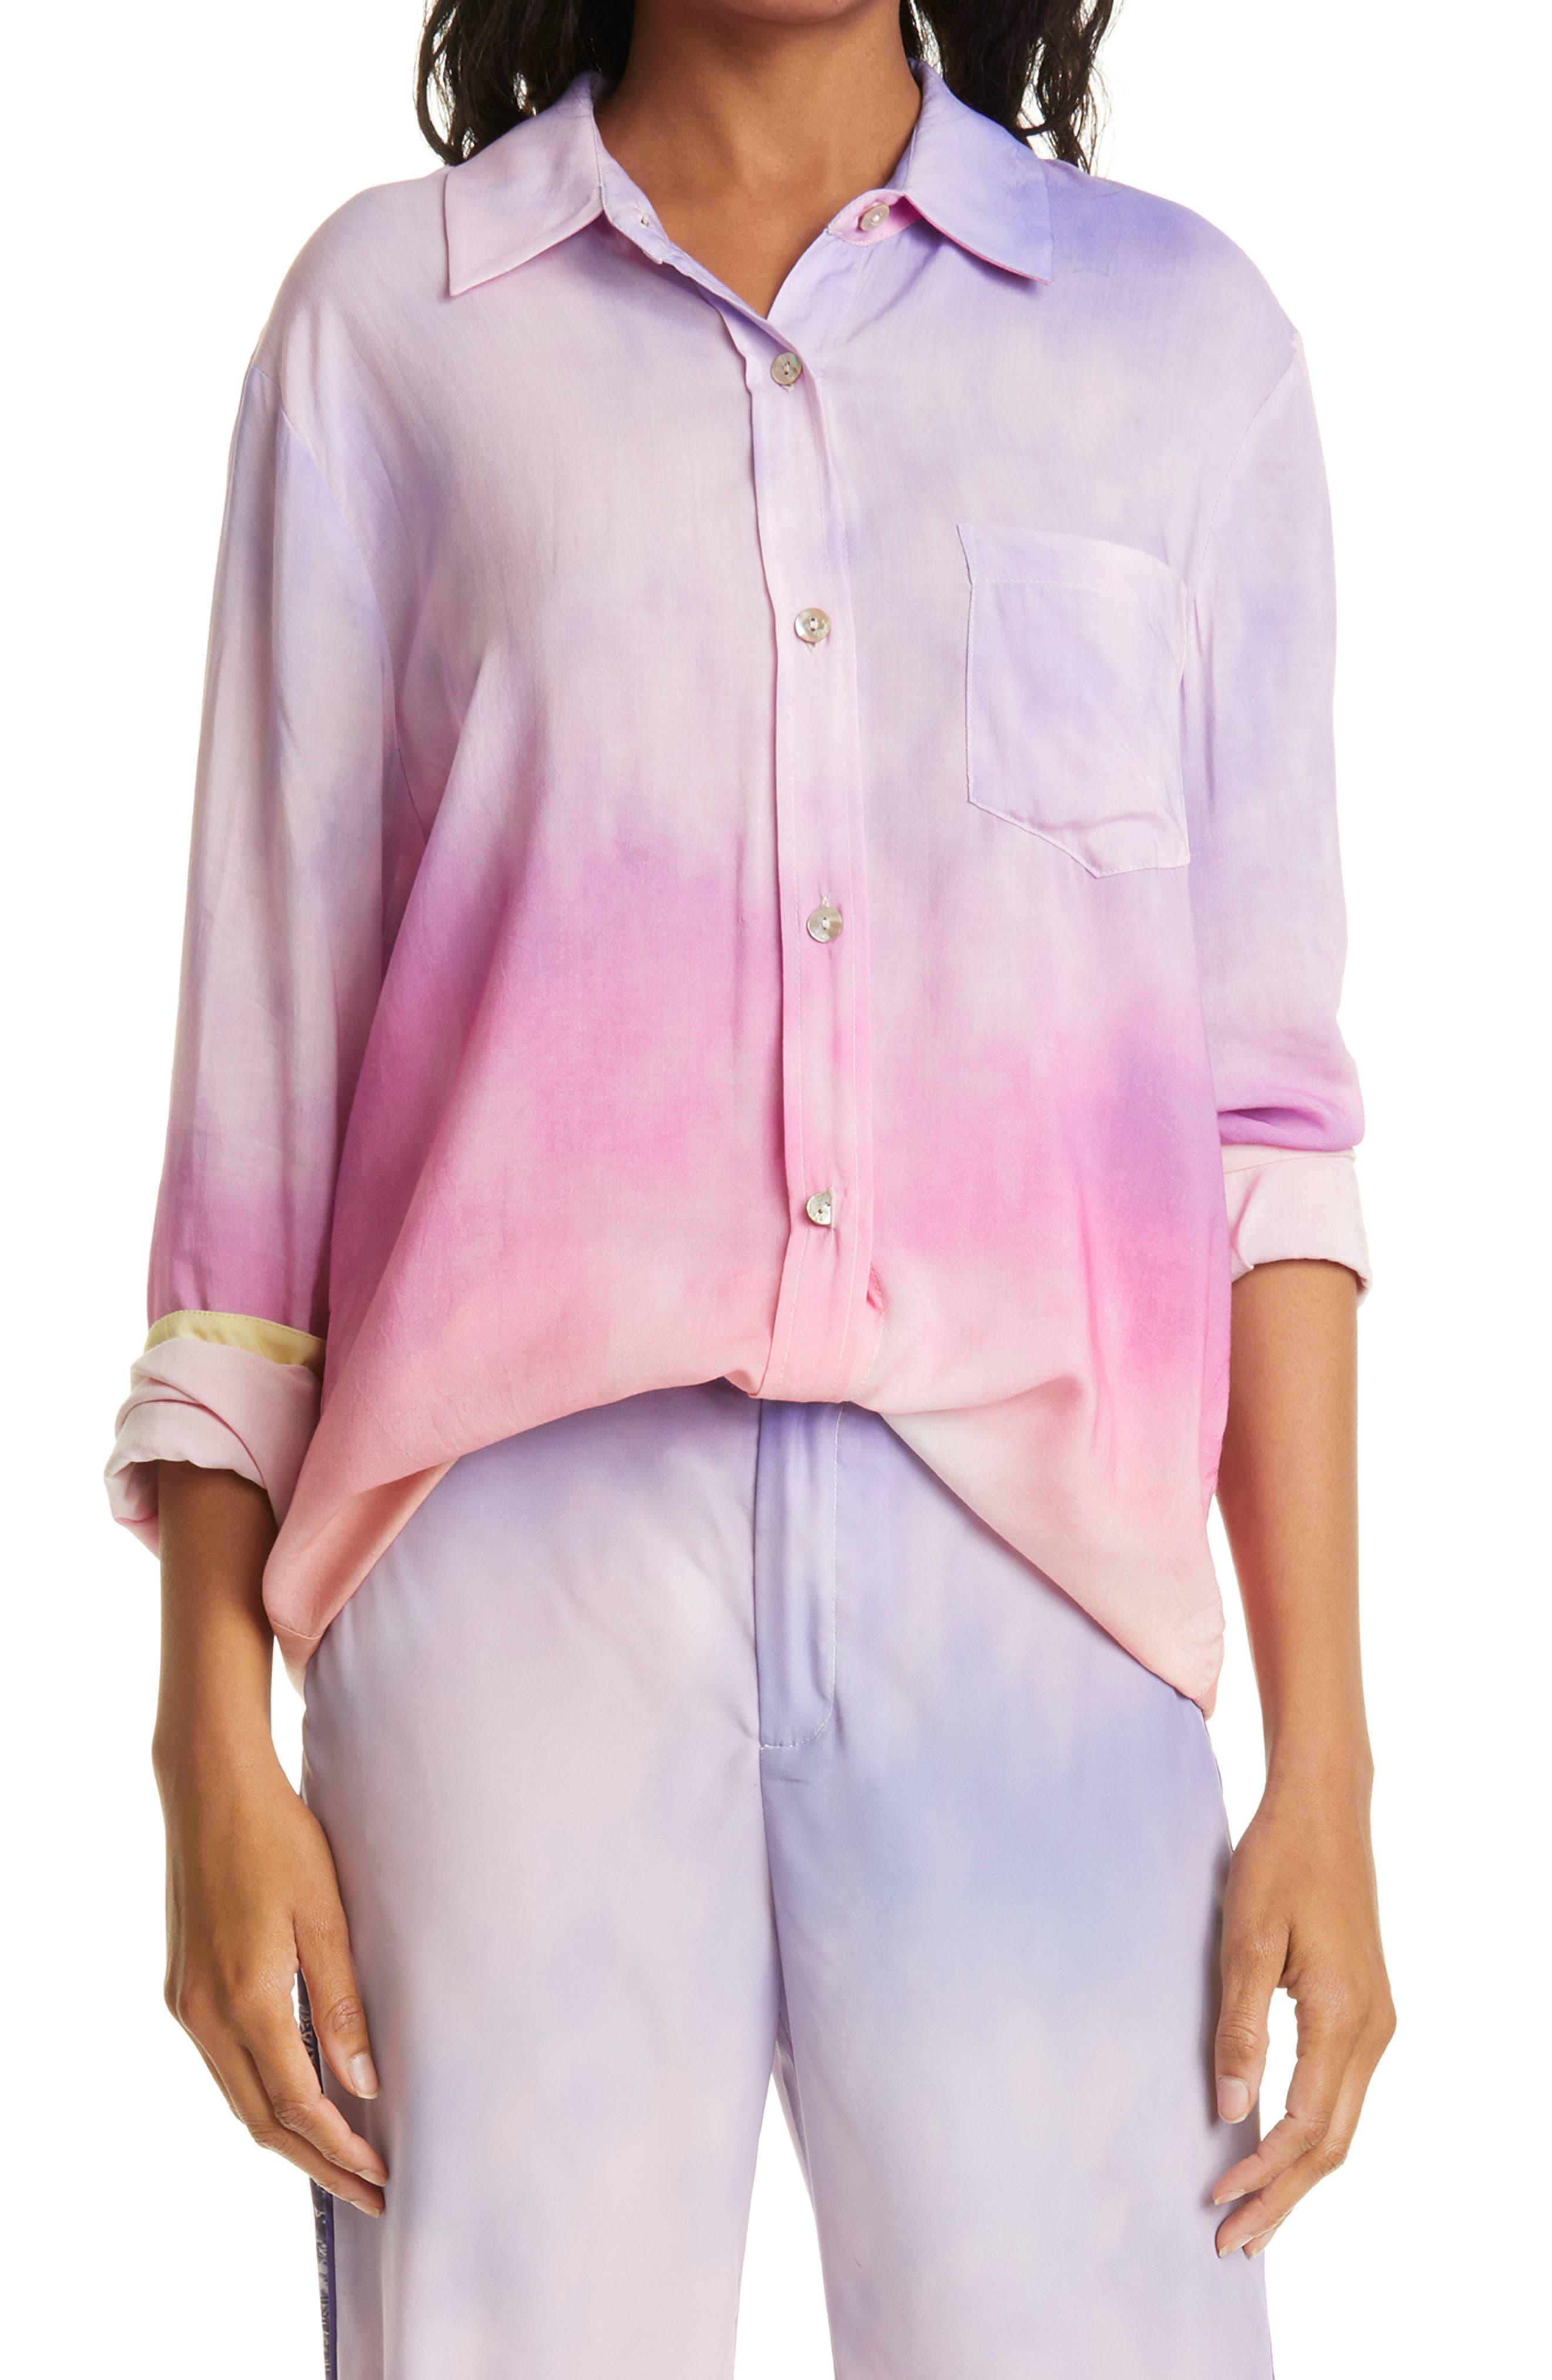 Off My Cloud Ex Boyfriend Button-Up Shirt